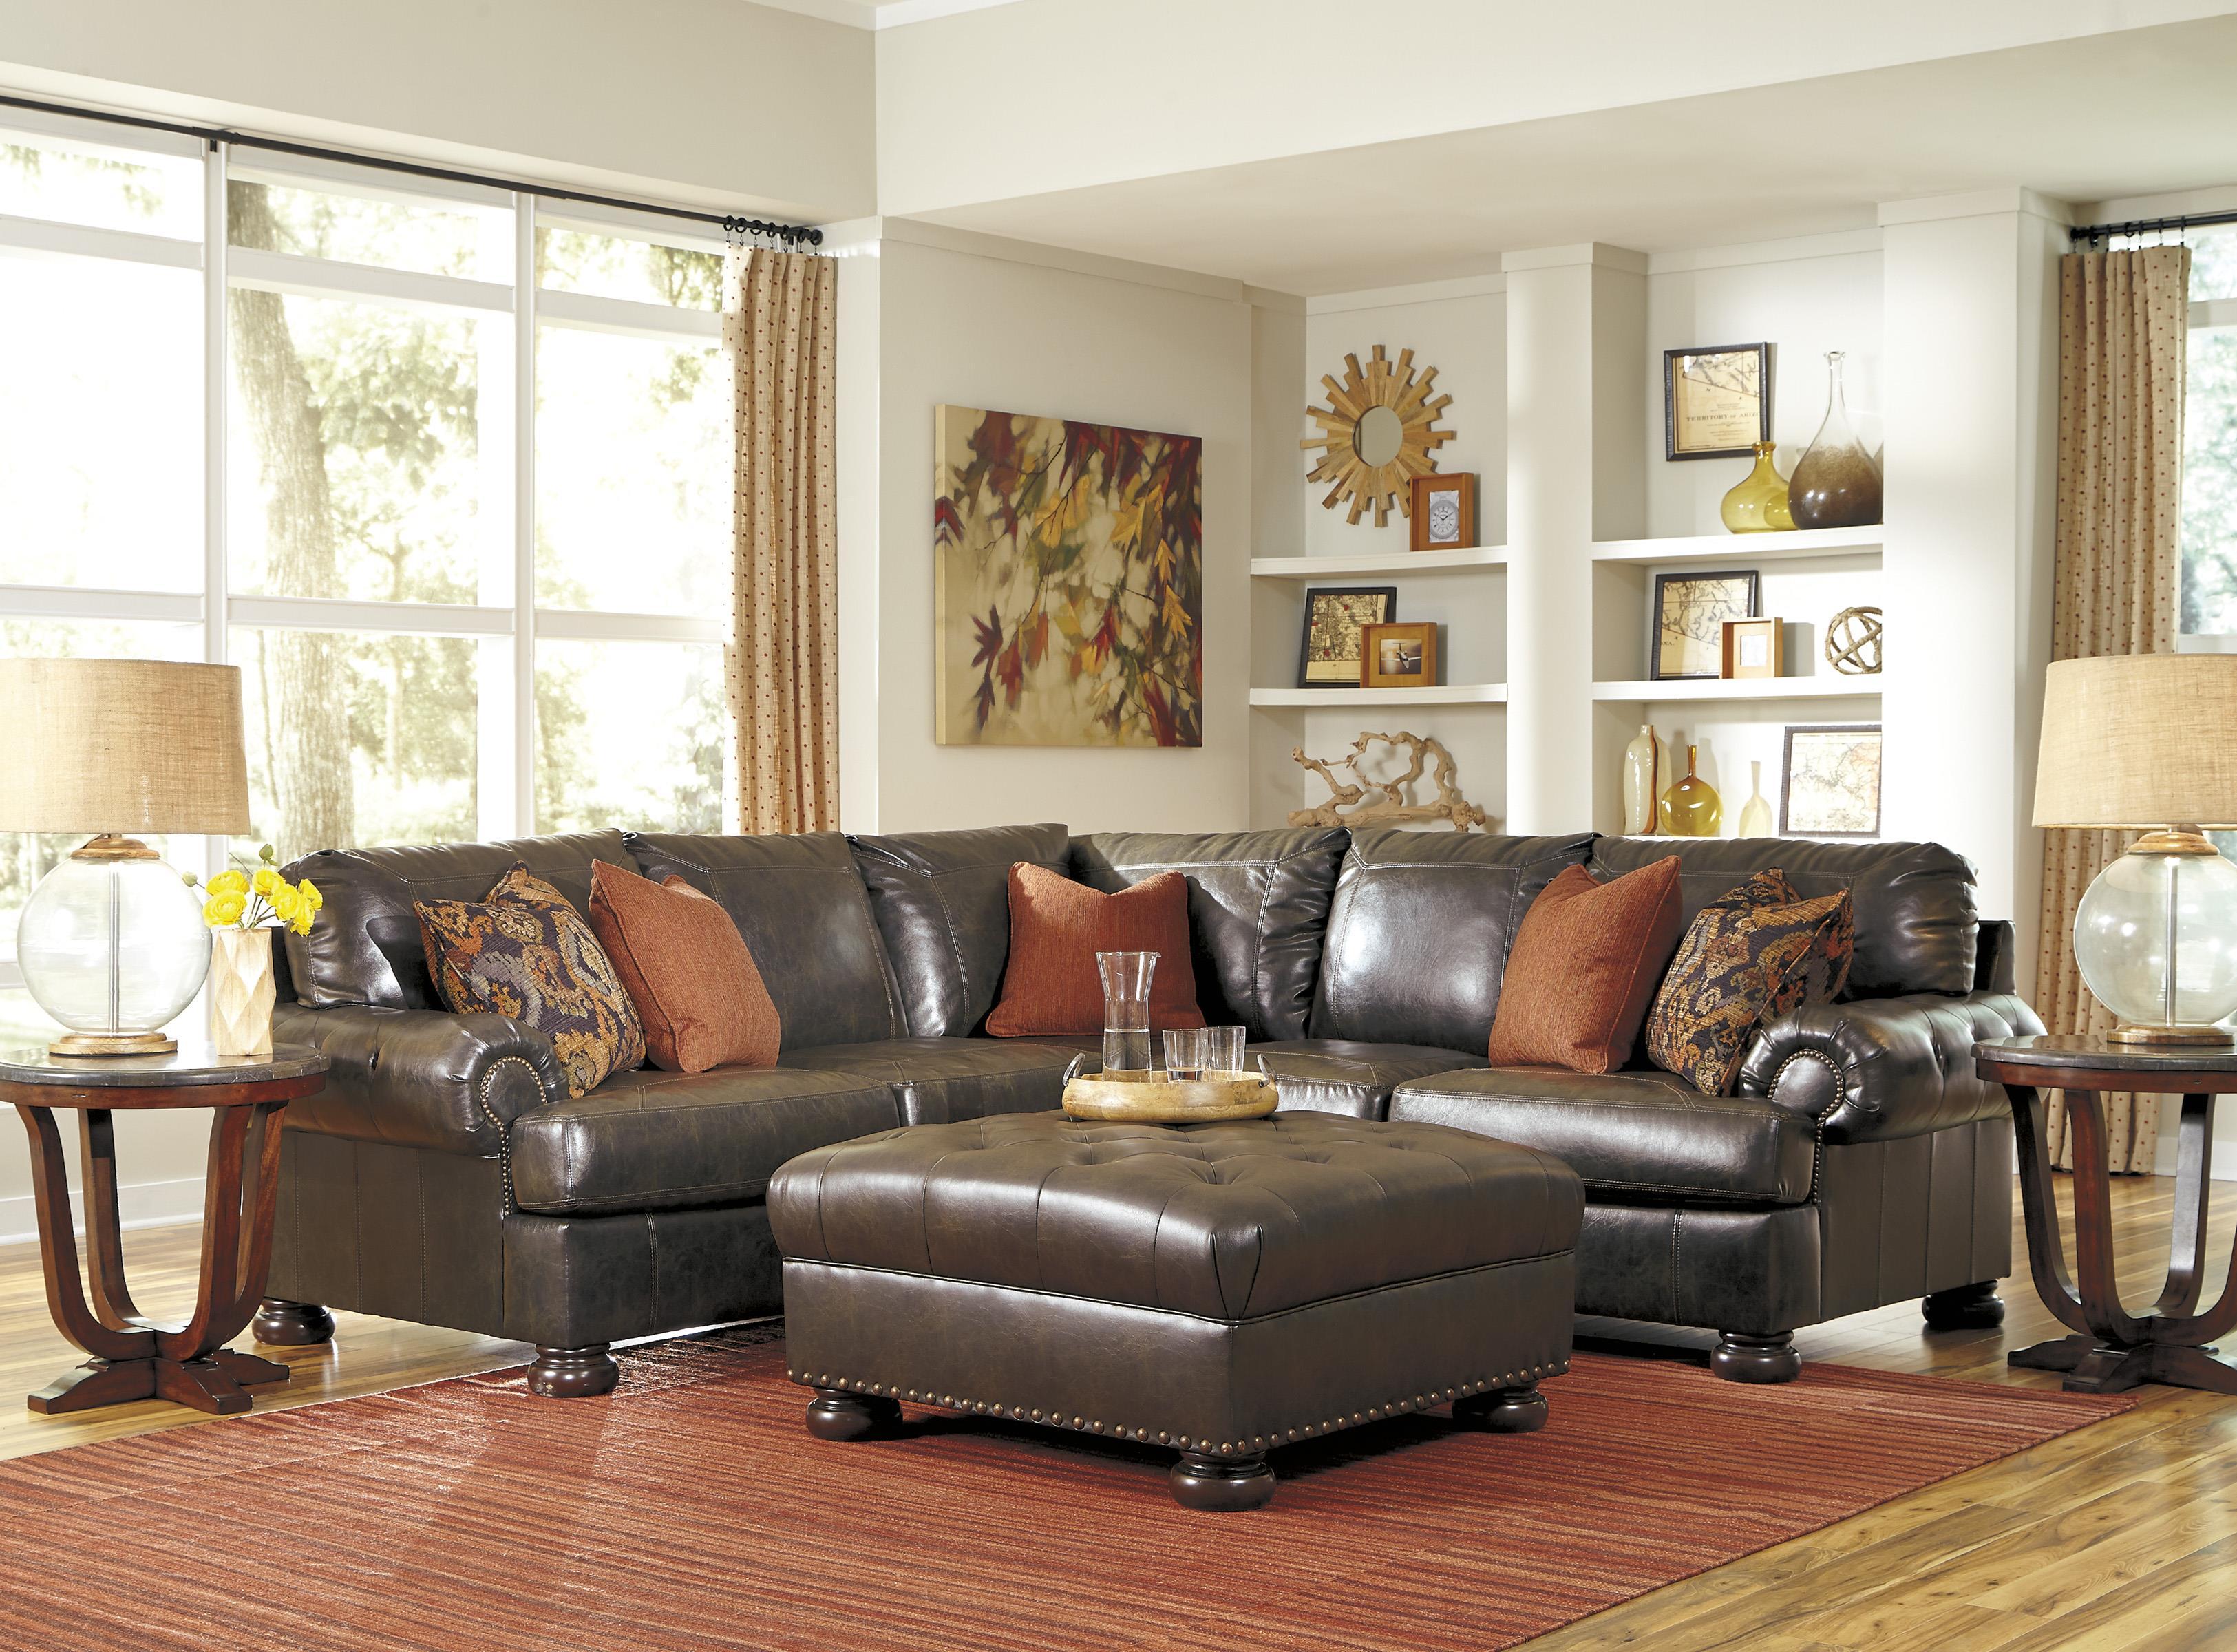 Benchcraft Nesbit DuraBlend® Stationary Living Room Group - Item Number: 31600 Living Room Group 1